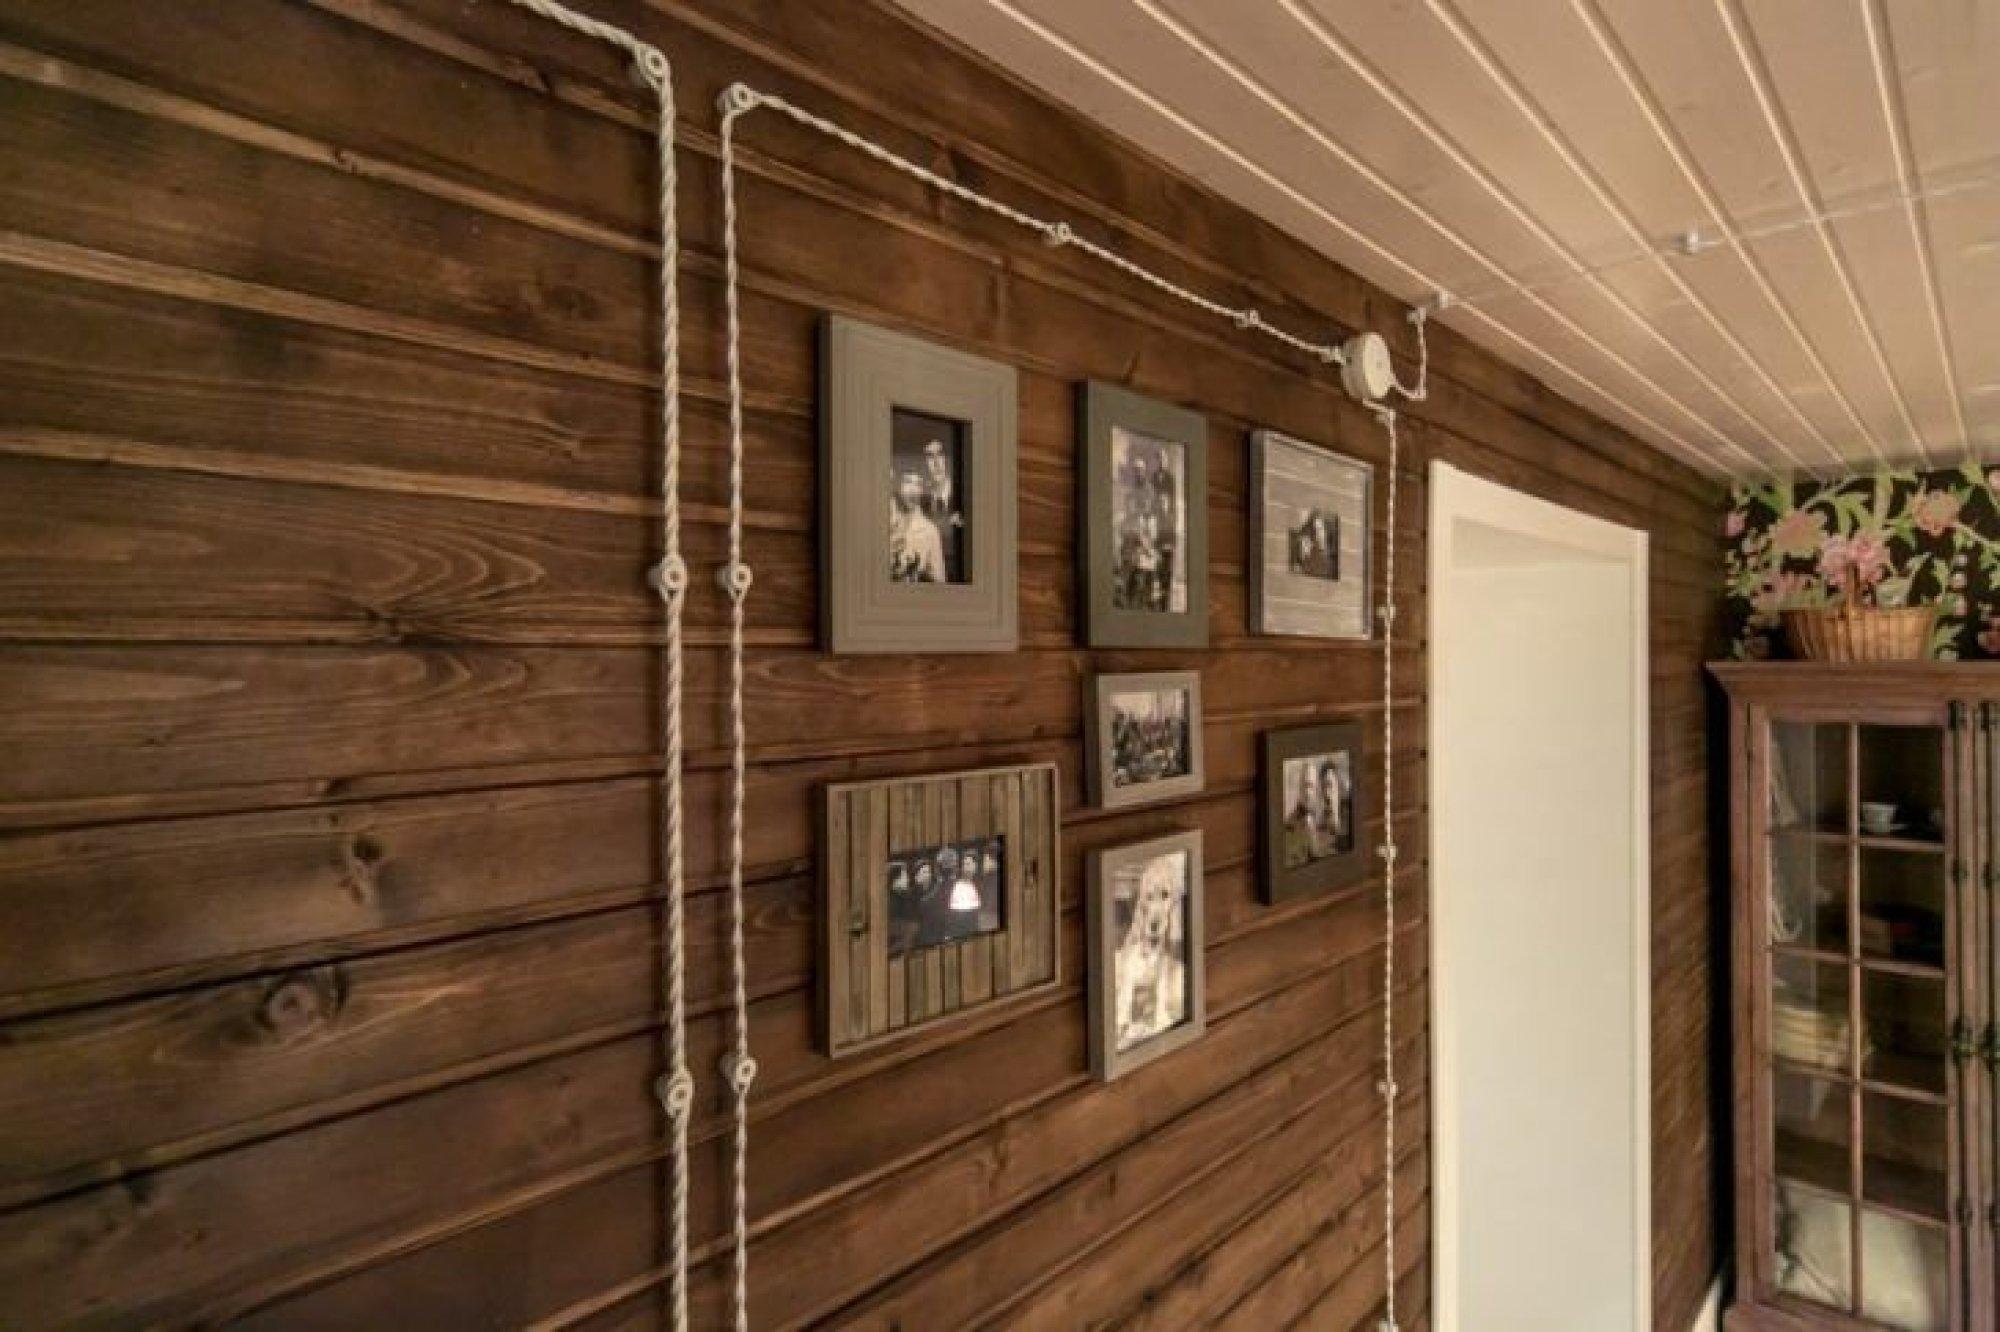 решил чем покрасить стены в деревянном доме фото этом музее